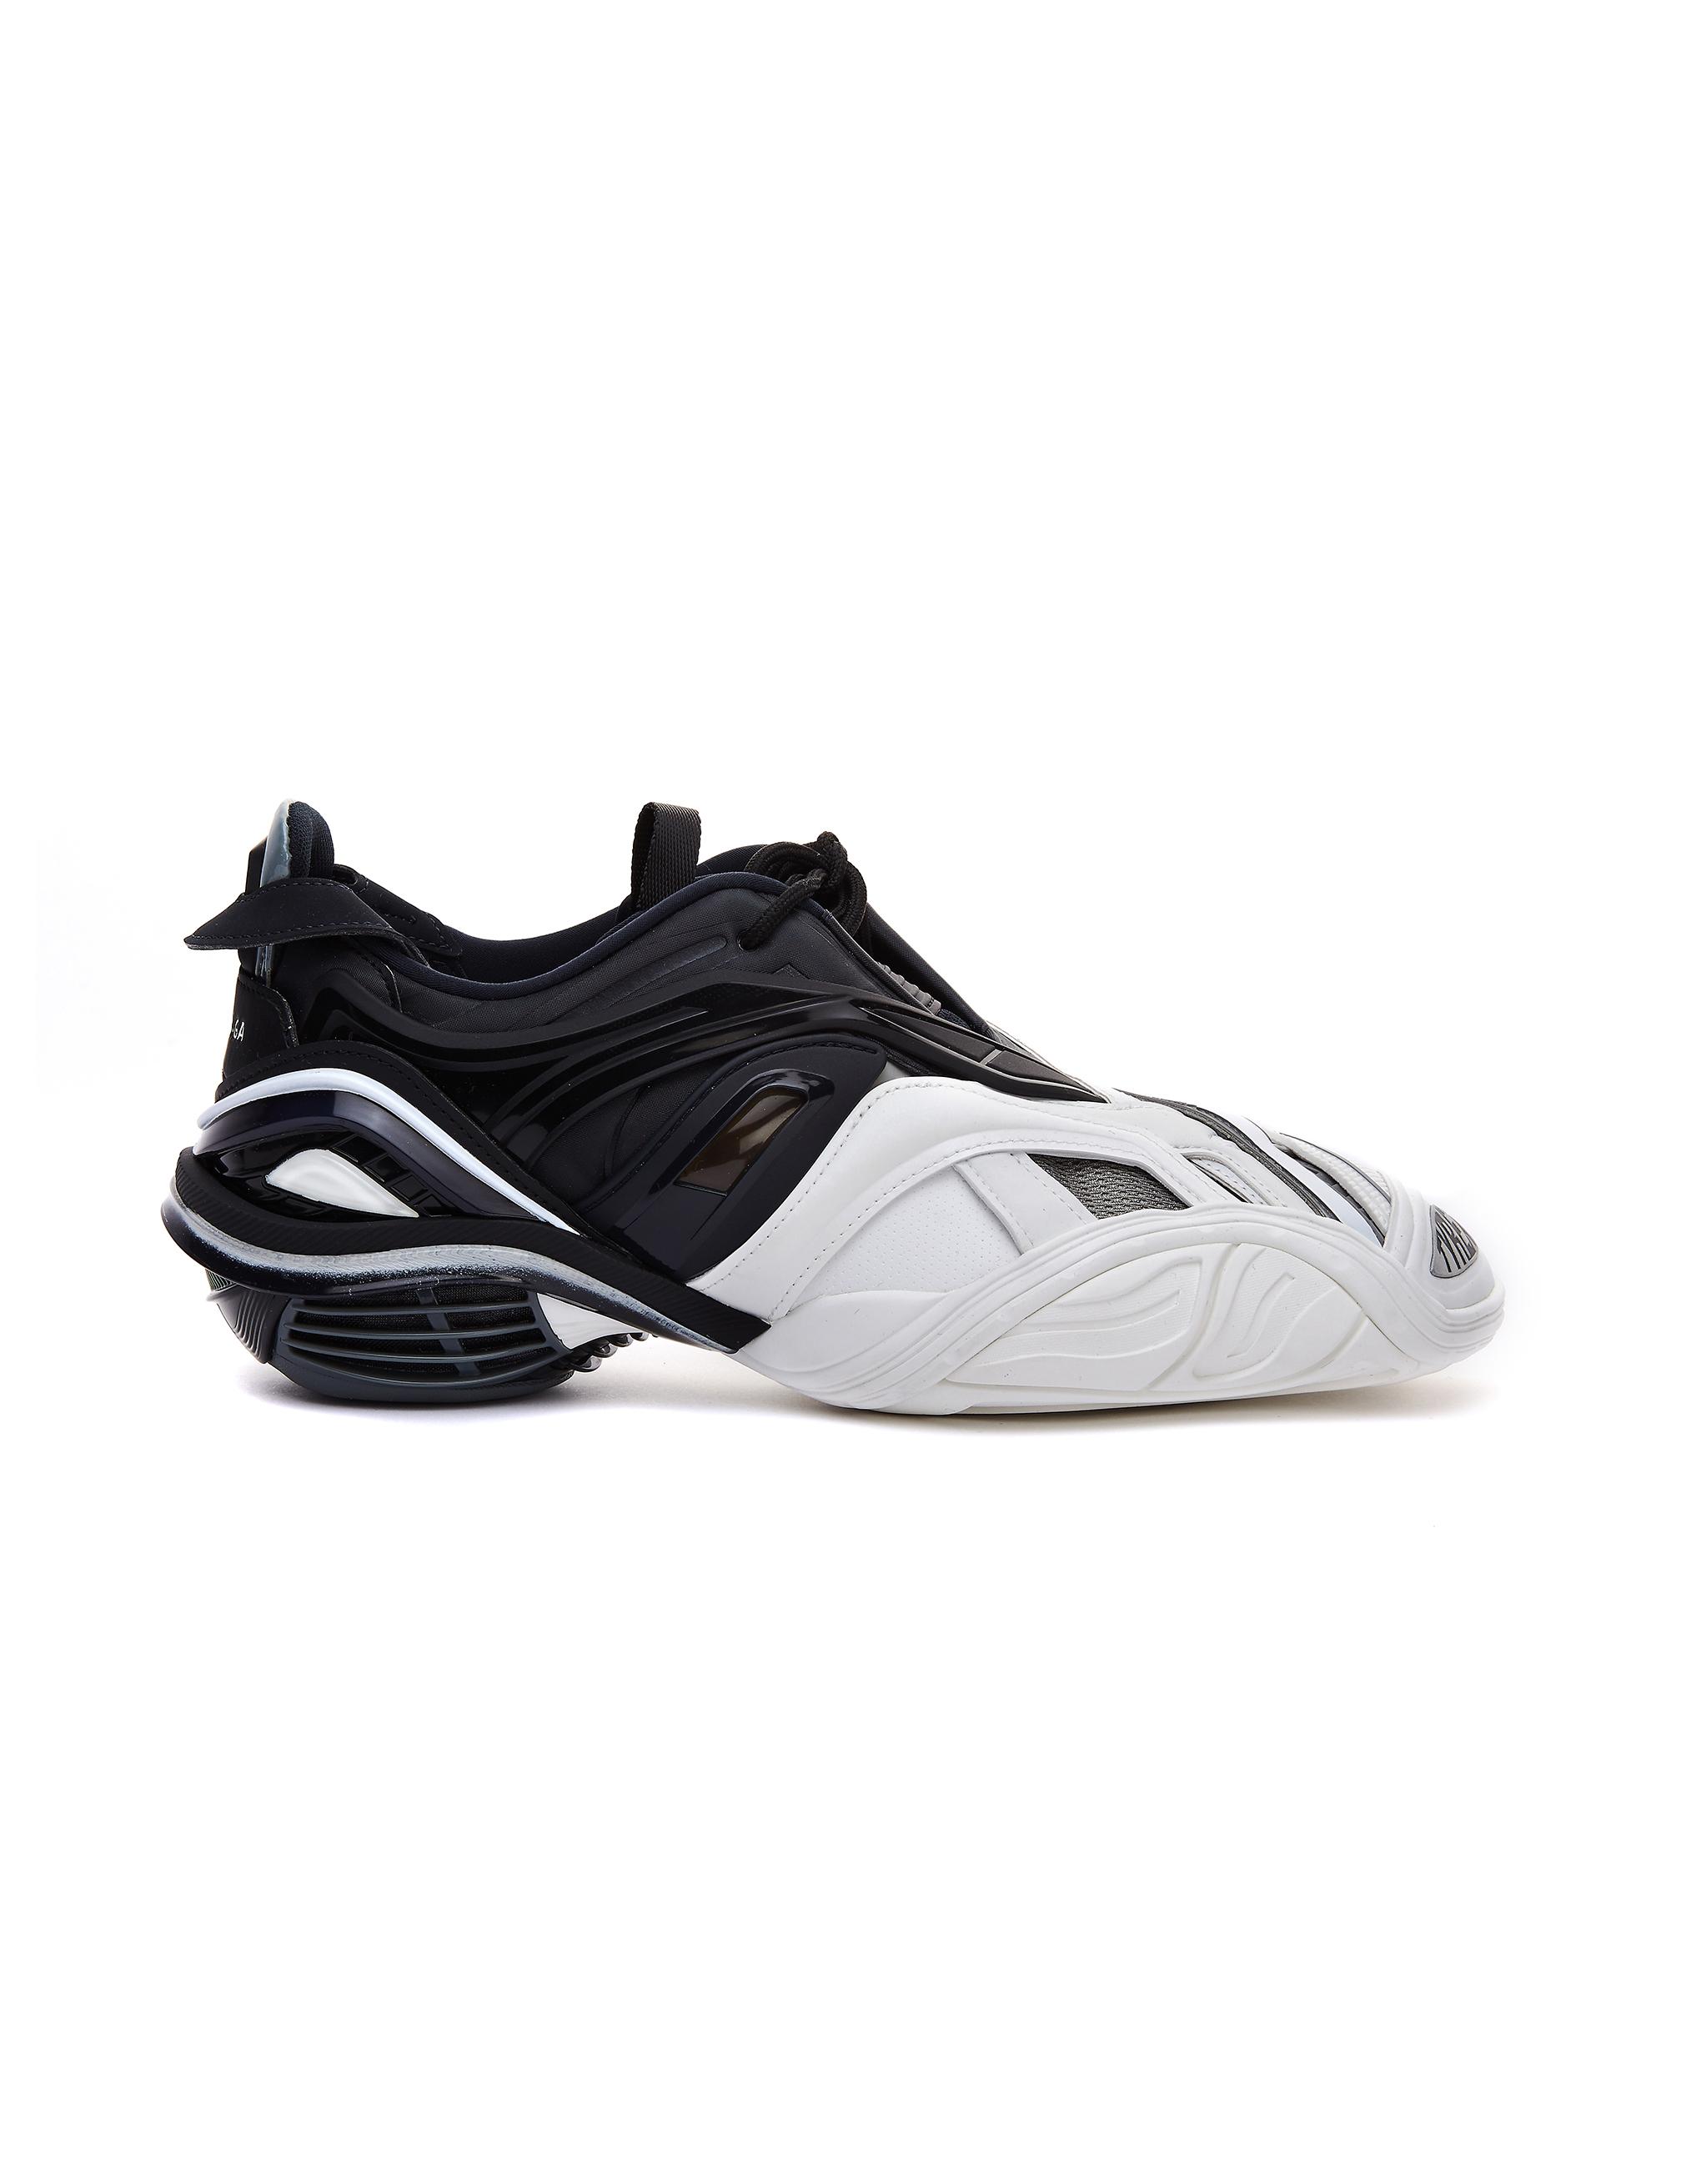 Balenciaga White & Black Tyrex Sneakers